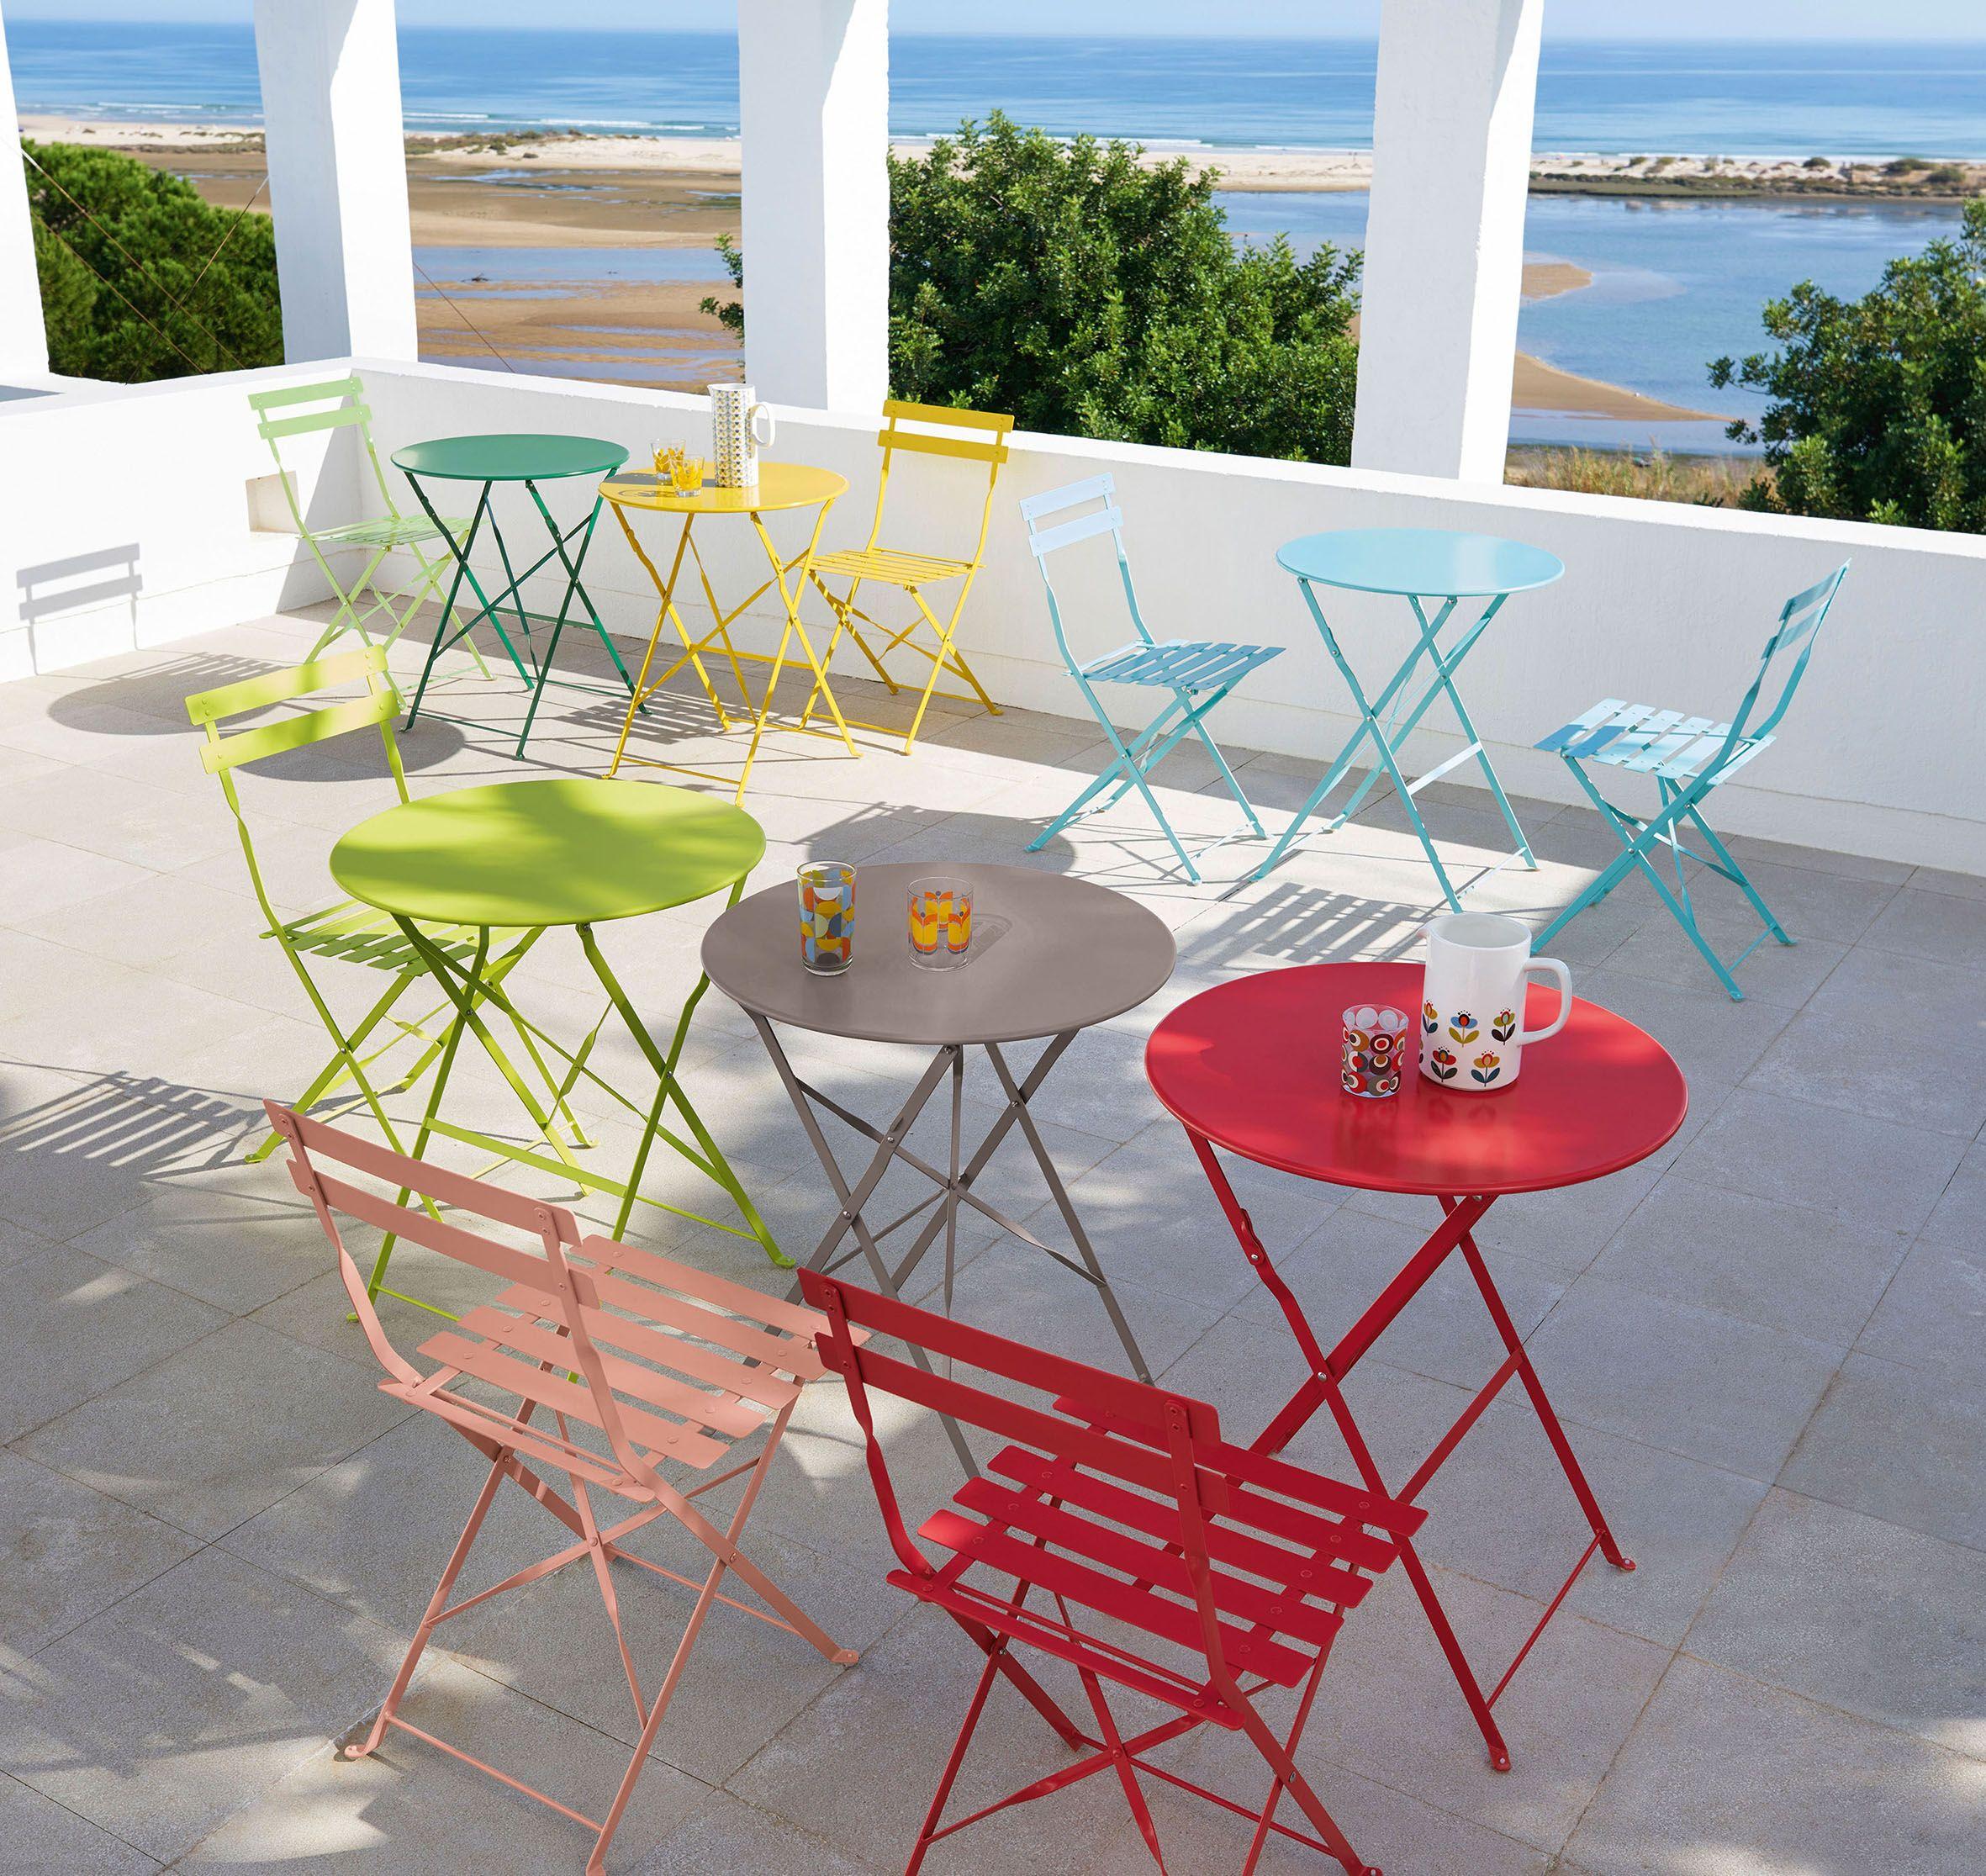 Terrasse Haute En Couleur Multicolore Meuble De Jardin Table ... tout Salon De Jardin En Fer Coloré